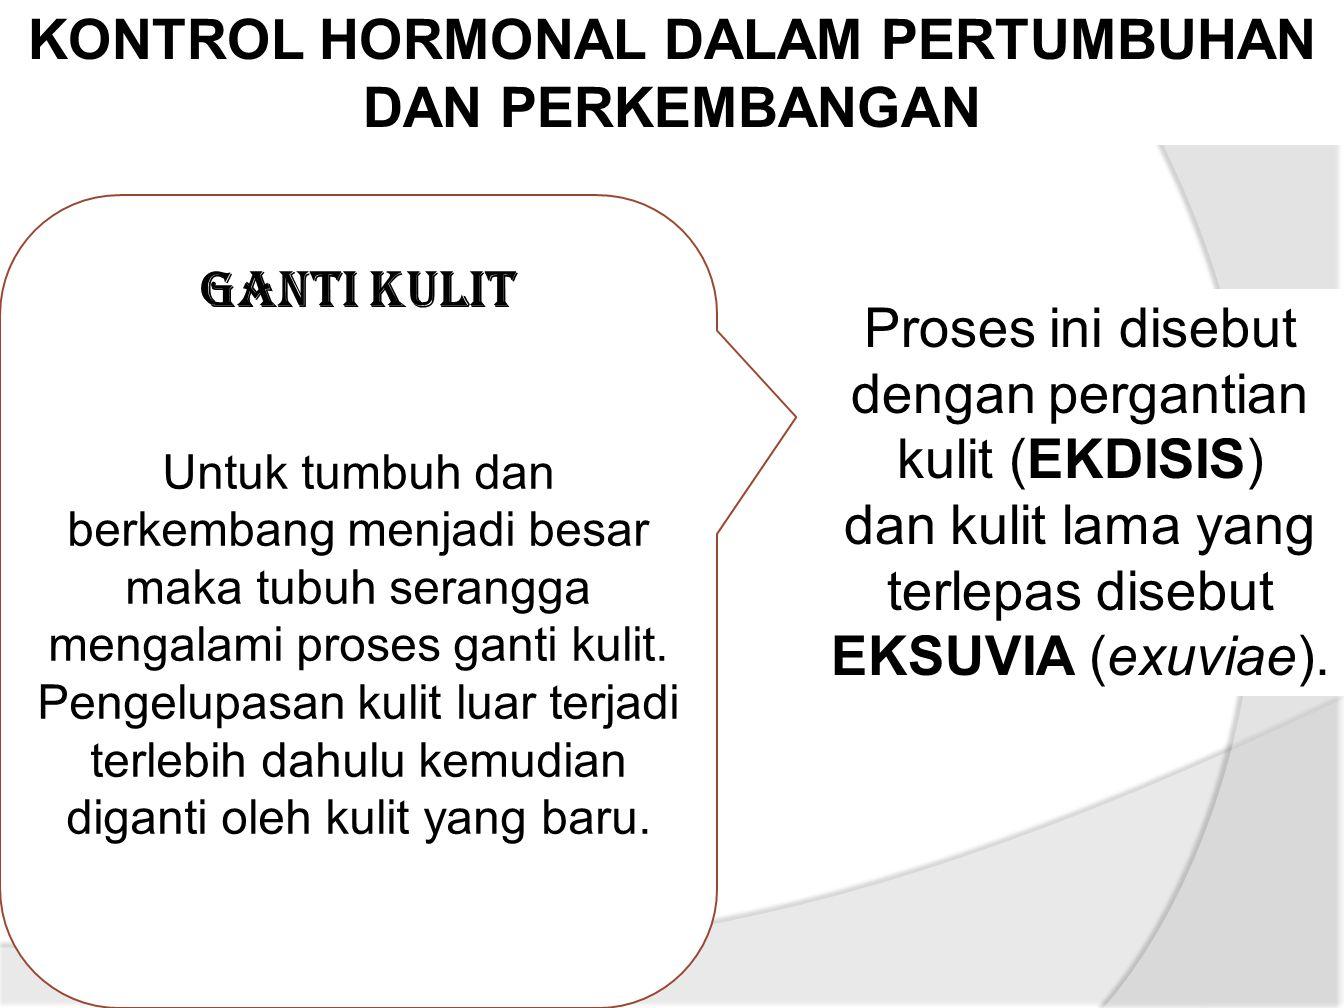 KONTROL HORMONAL DALAM PERTUMBUHAN DAN PERKEMBANGAN